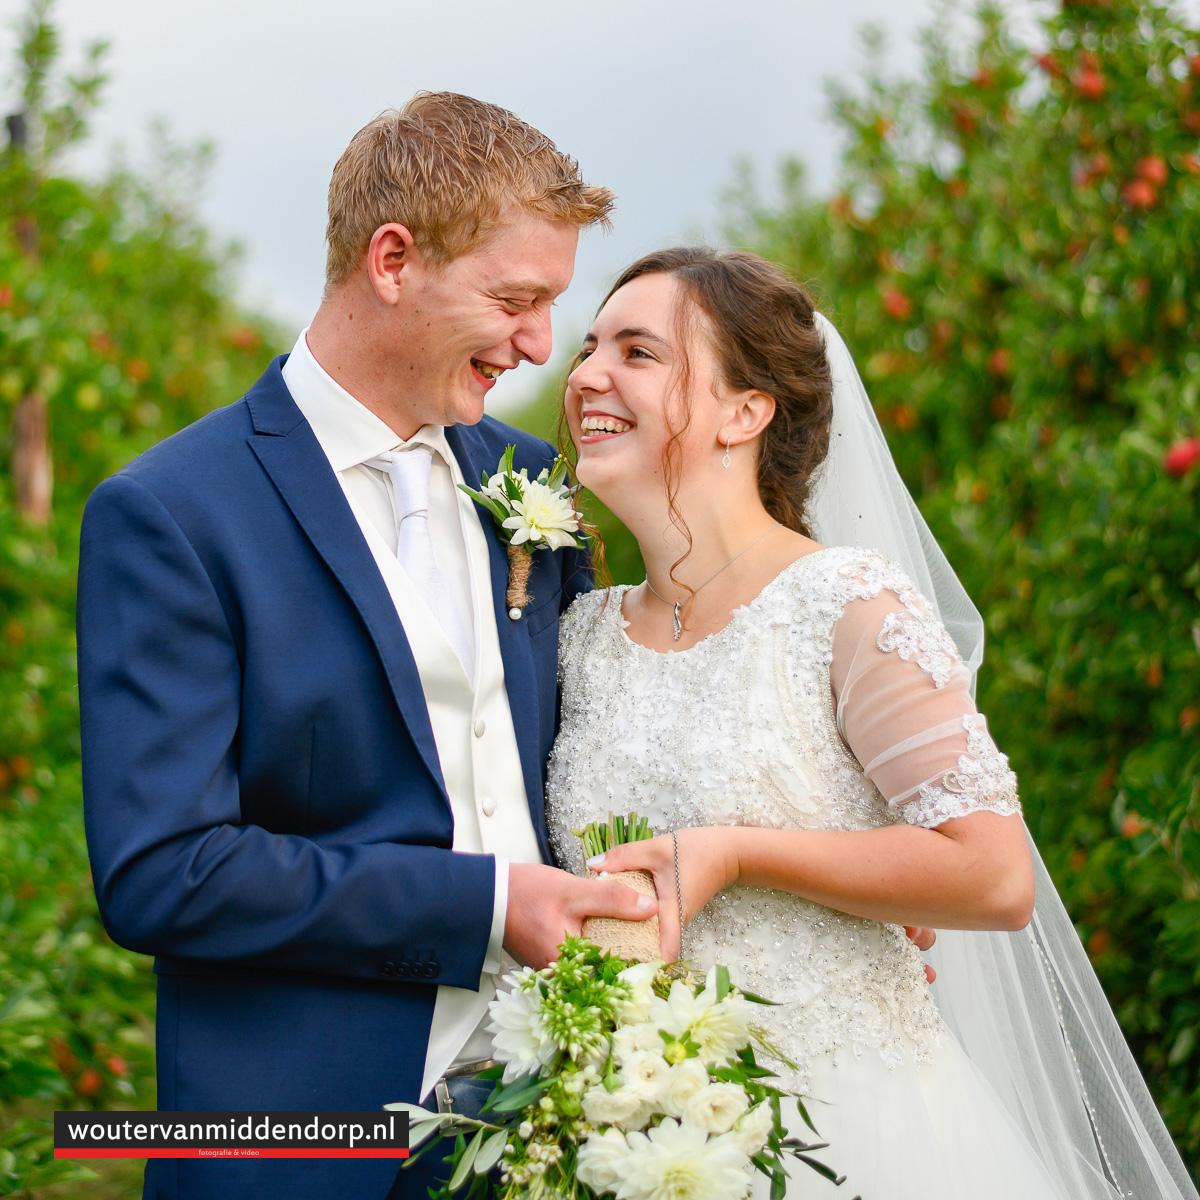 fotografie omgeving, Elspeet, Goes, Zeeland, Veluwe, bruidsfotograaf, Wouter van Middendorp (233)